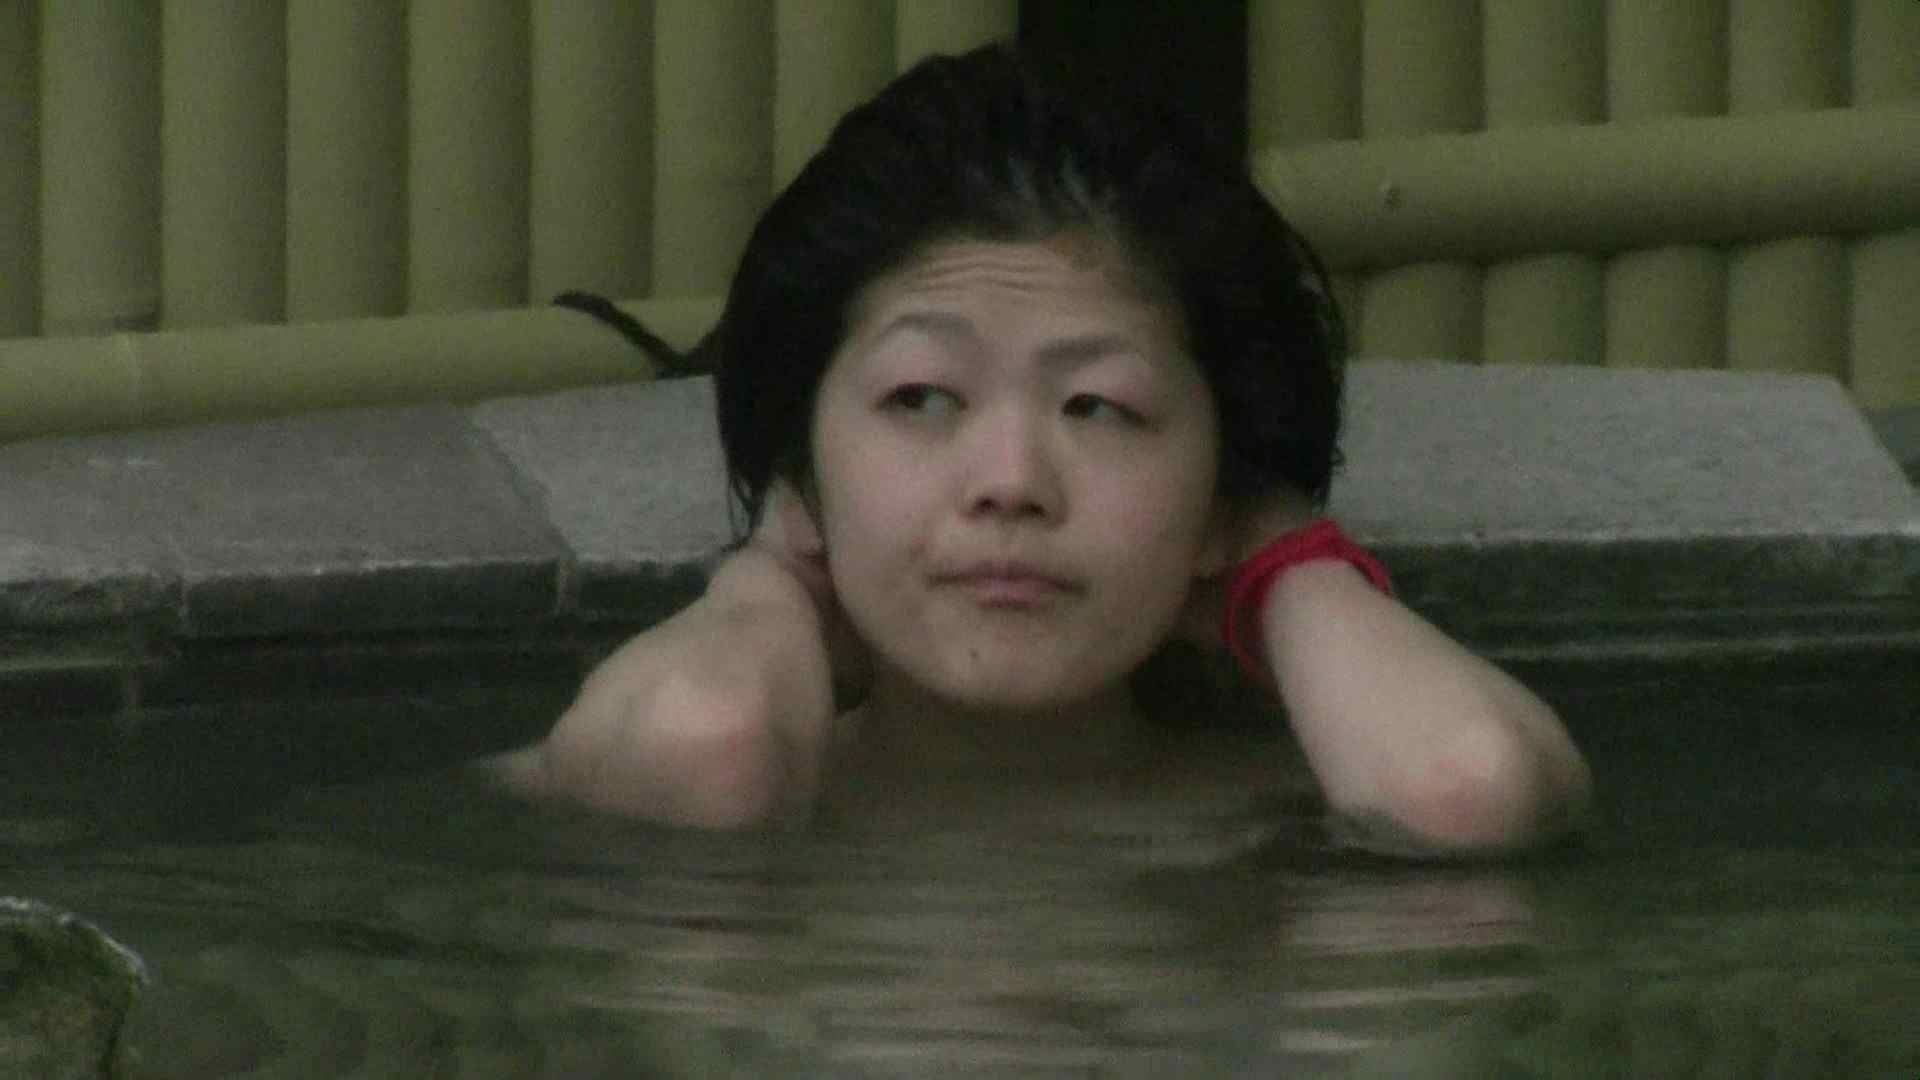 Aquaな露天風呂Vol.538 OLのエロ生活  90連発 9